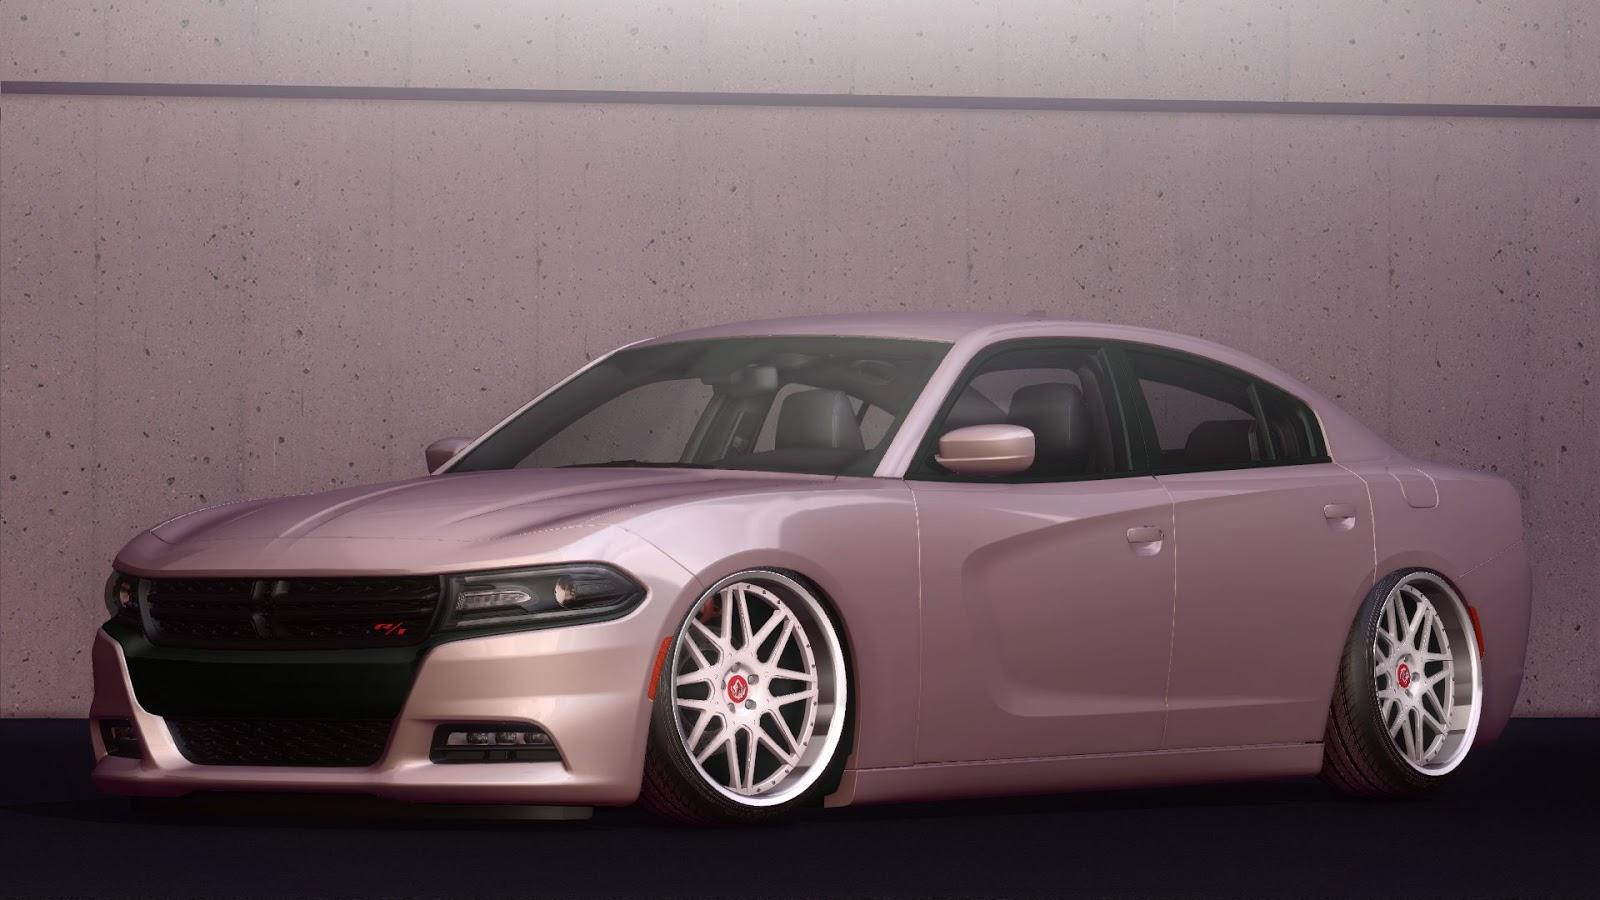 07 Dodge Charger Fuse Diagram Euglena Labeled Virtual Stance Works Srt Hellcat 15 11121990 903582393045522 3916103033567769261 O Jpg